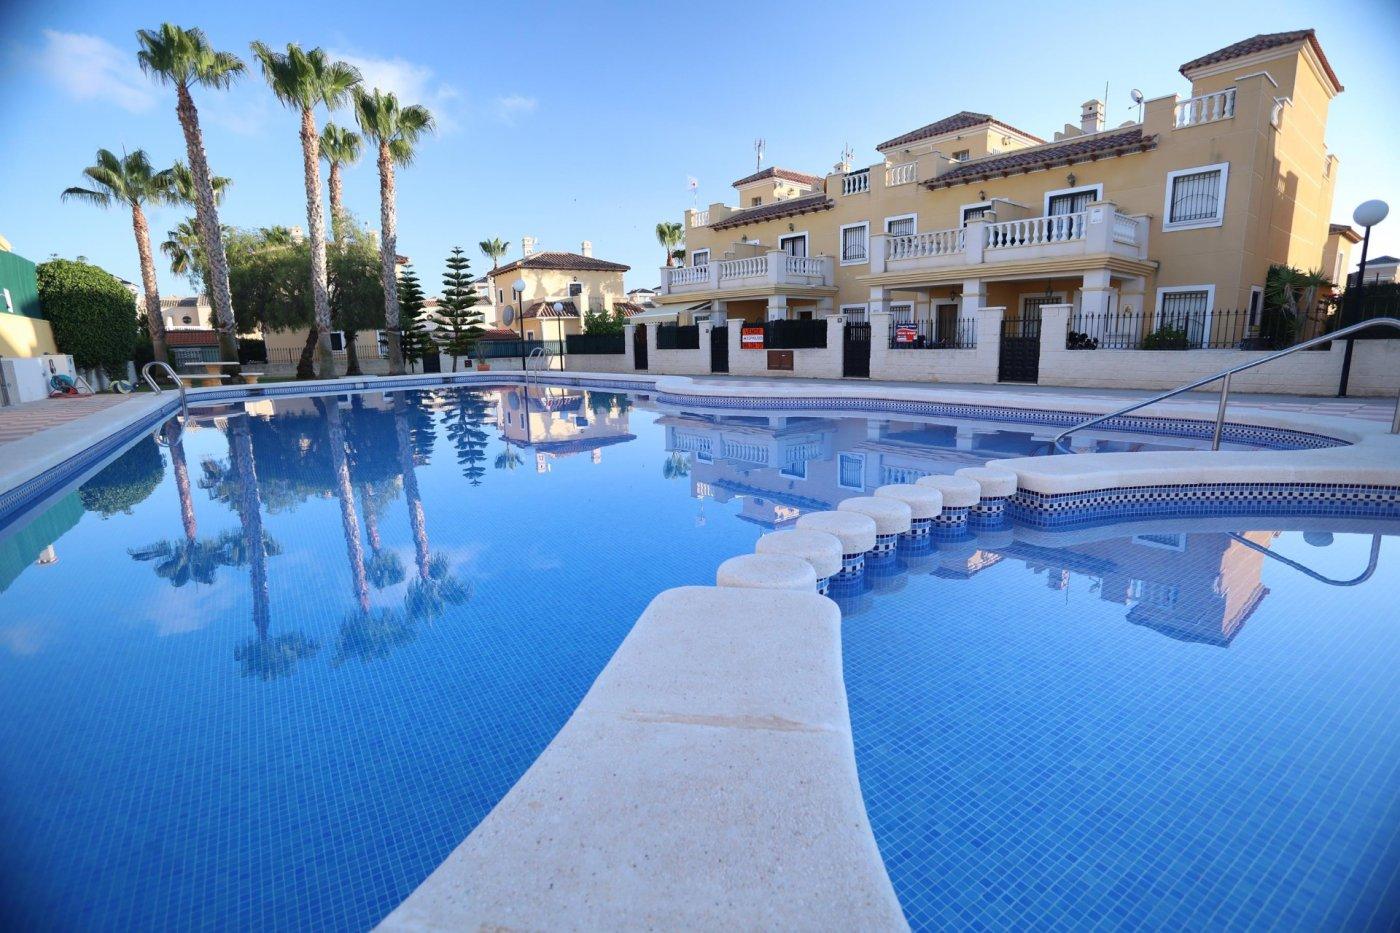 Villa for sale in EL RASO, Guardamar del Segura